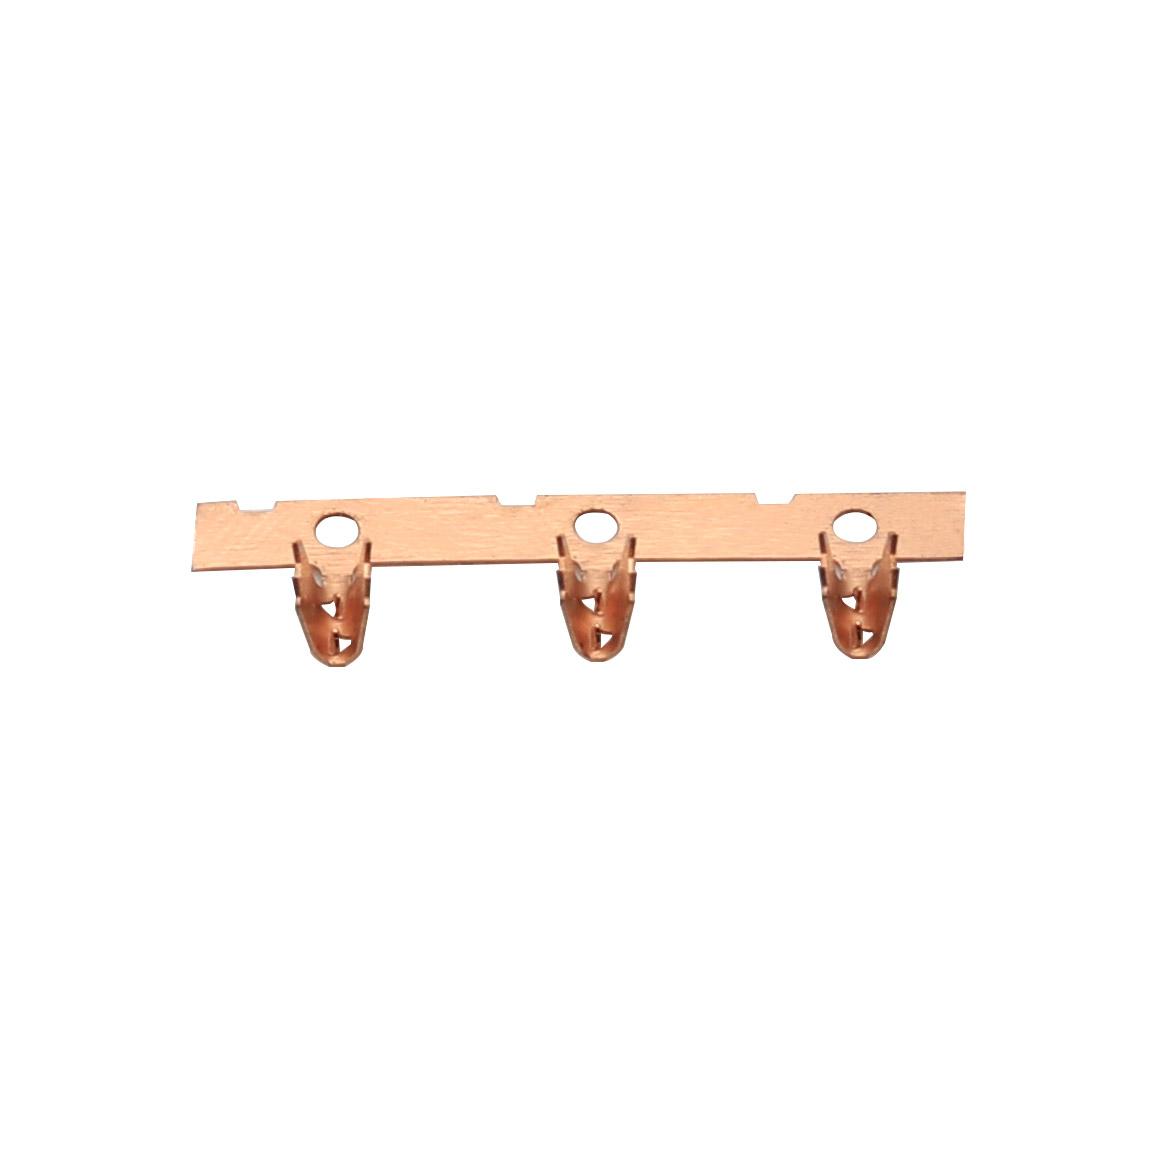 3.0刺破齒形端子 接線端子模具優質供應商東莞志盈端子